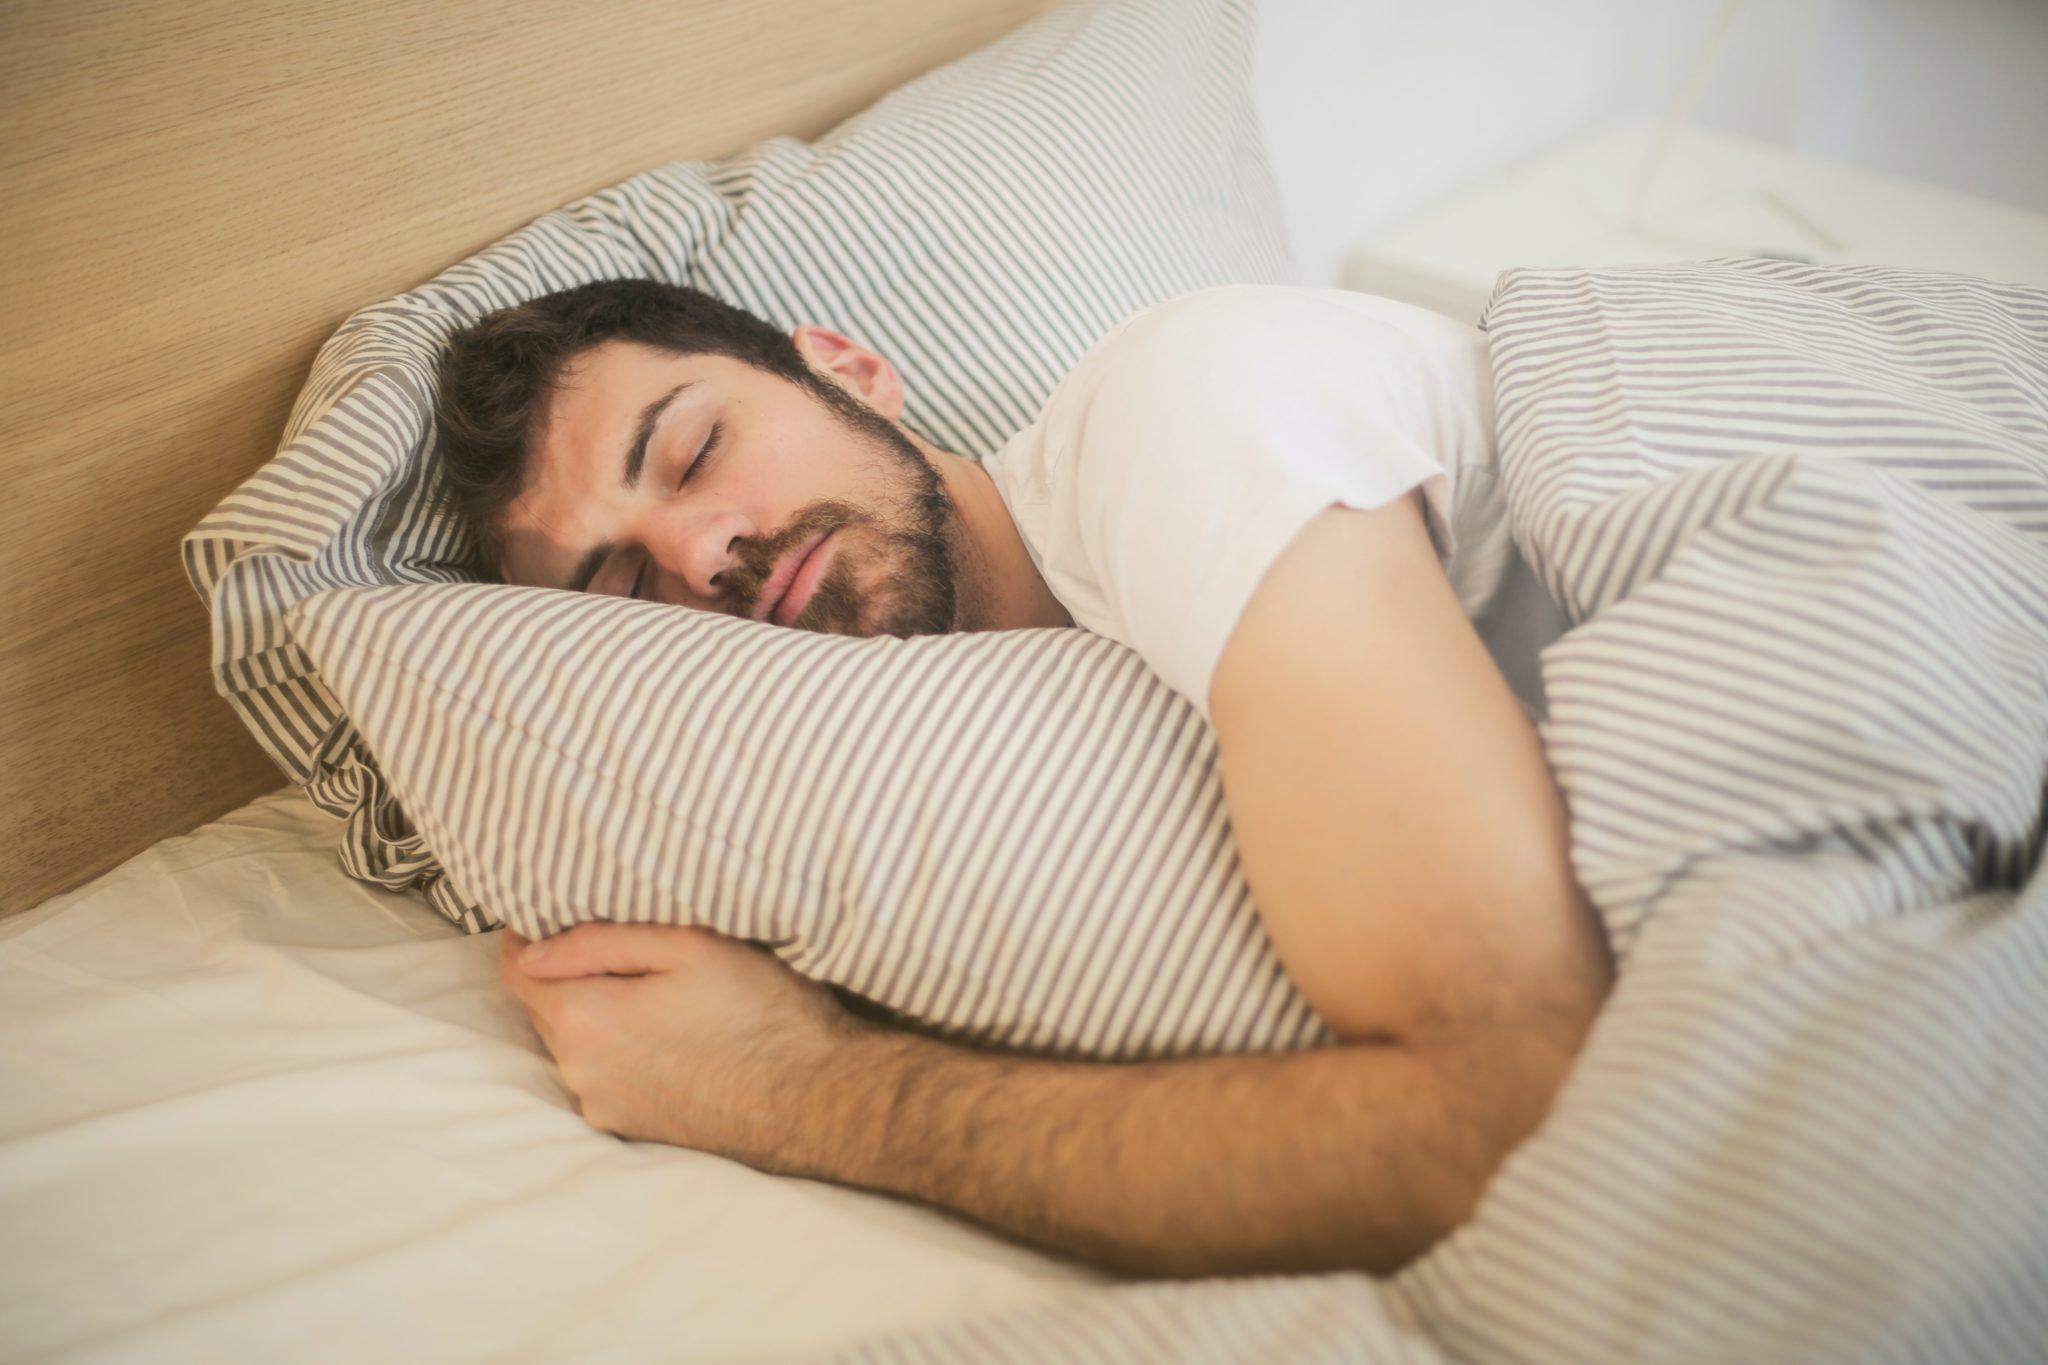 Como dormir mejor siguiendo consejos naturales